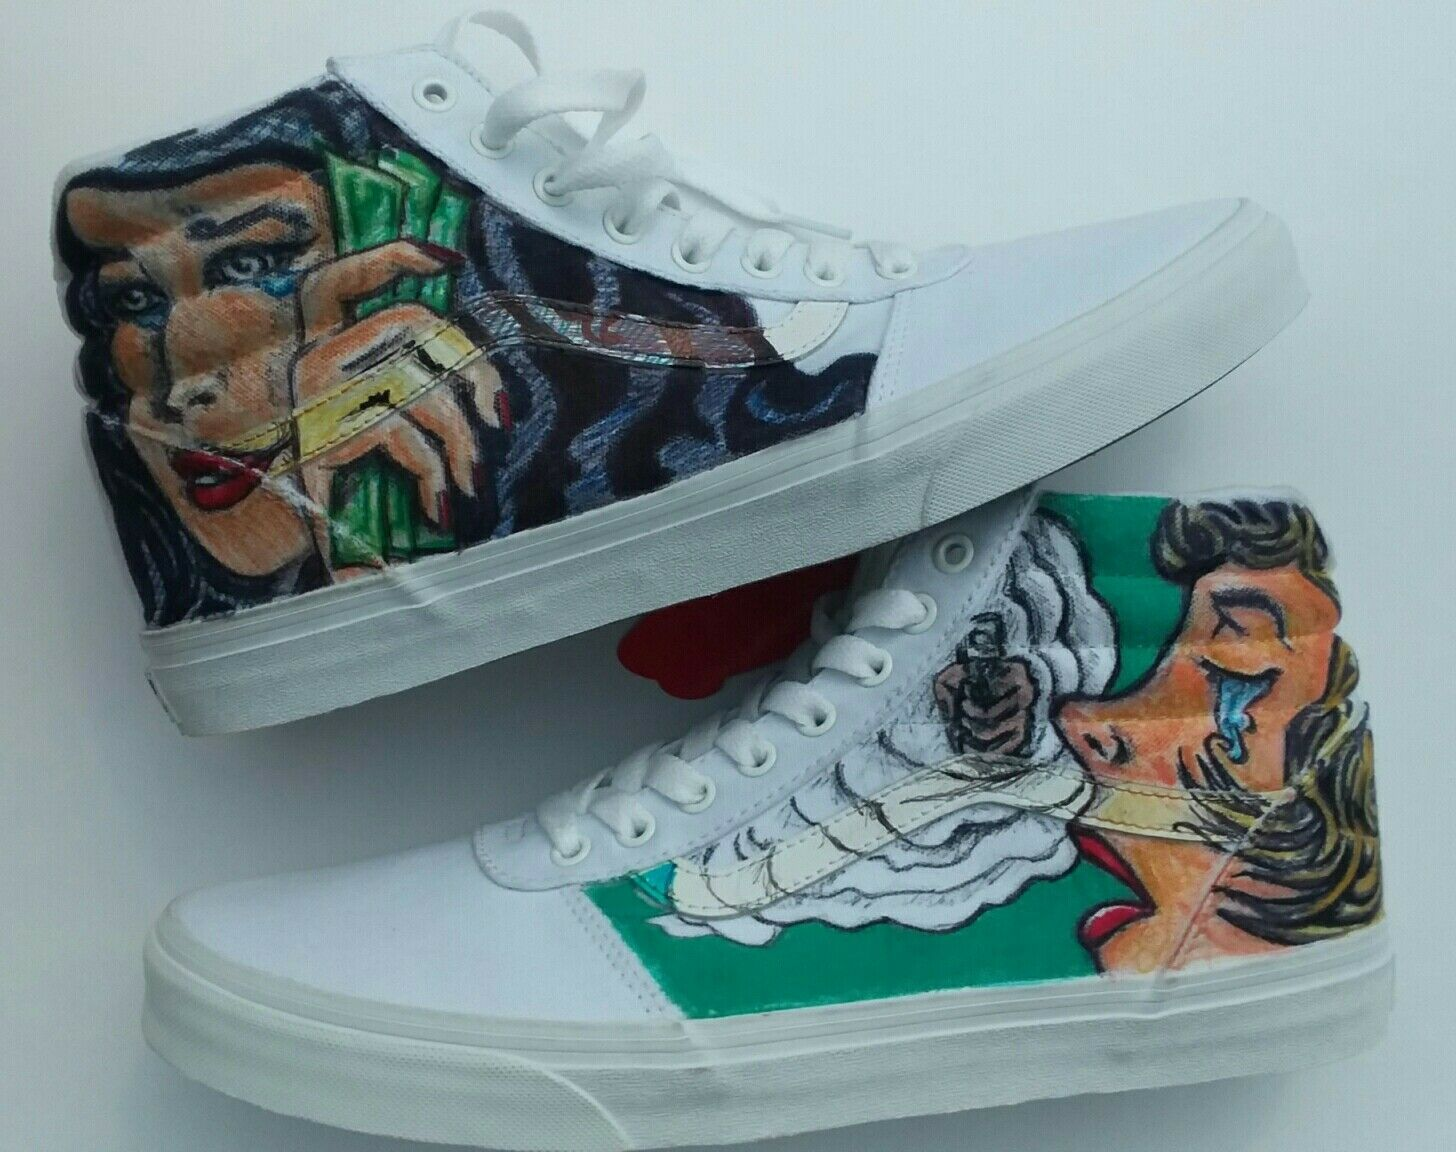 Custom Vans Ward HI Men's Fabolous Summertime Shootout Canvas High Top Shoes11.5